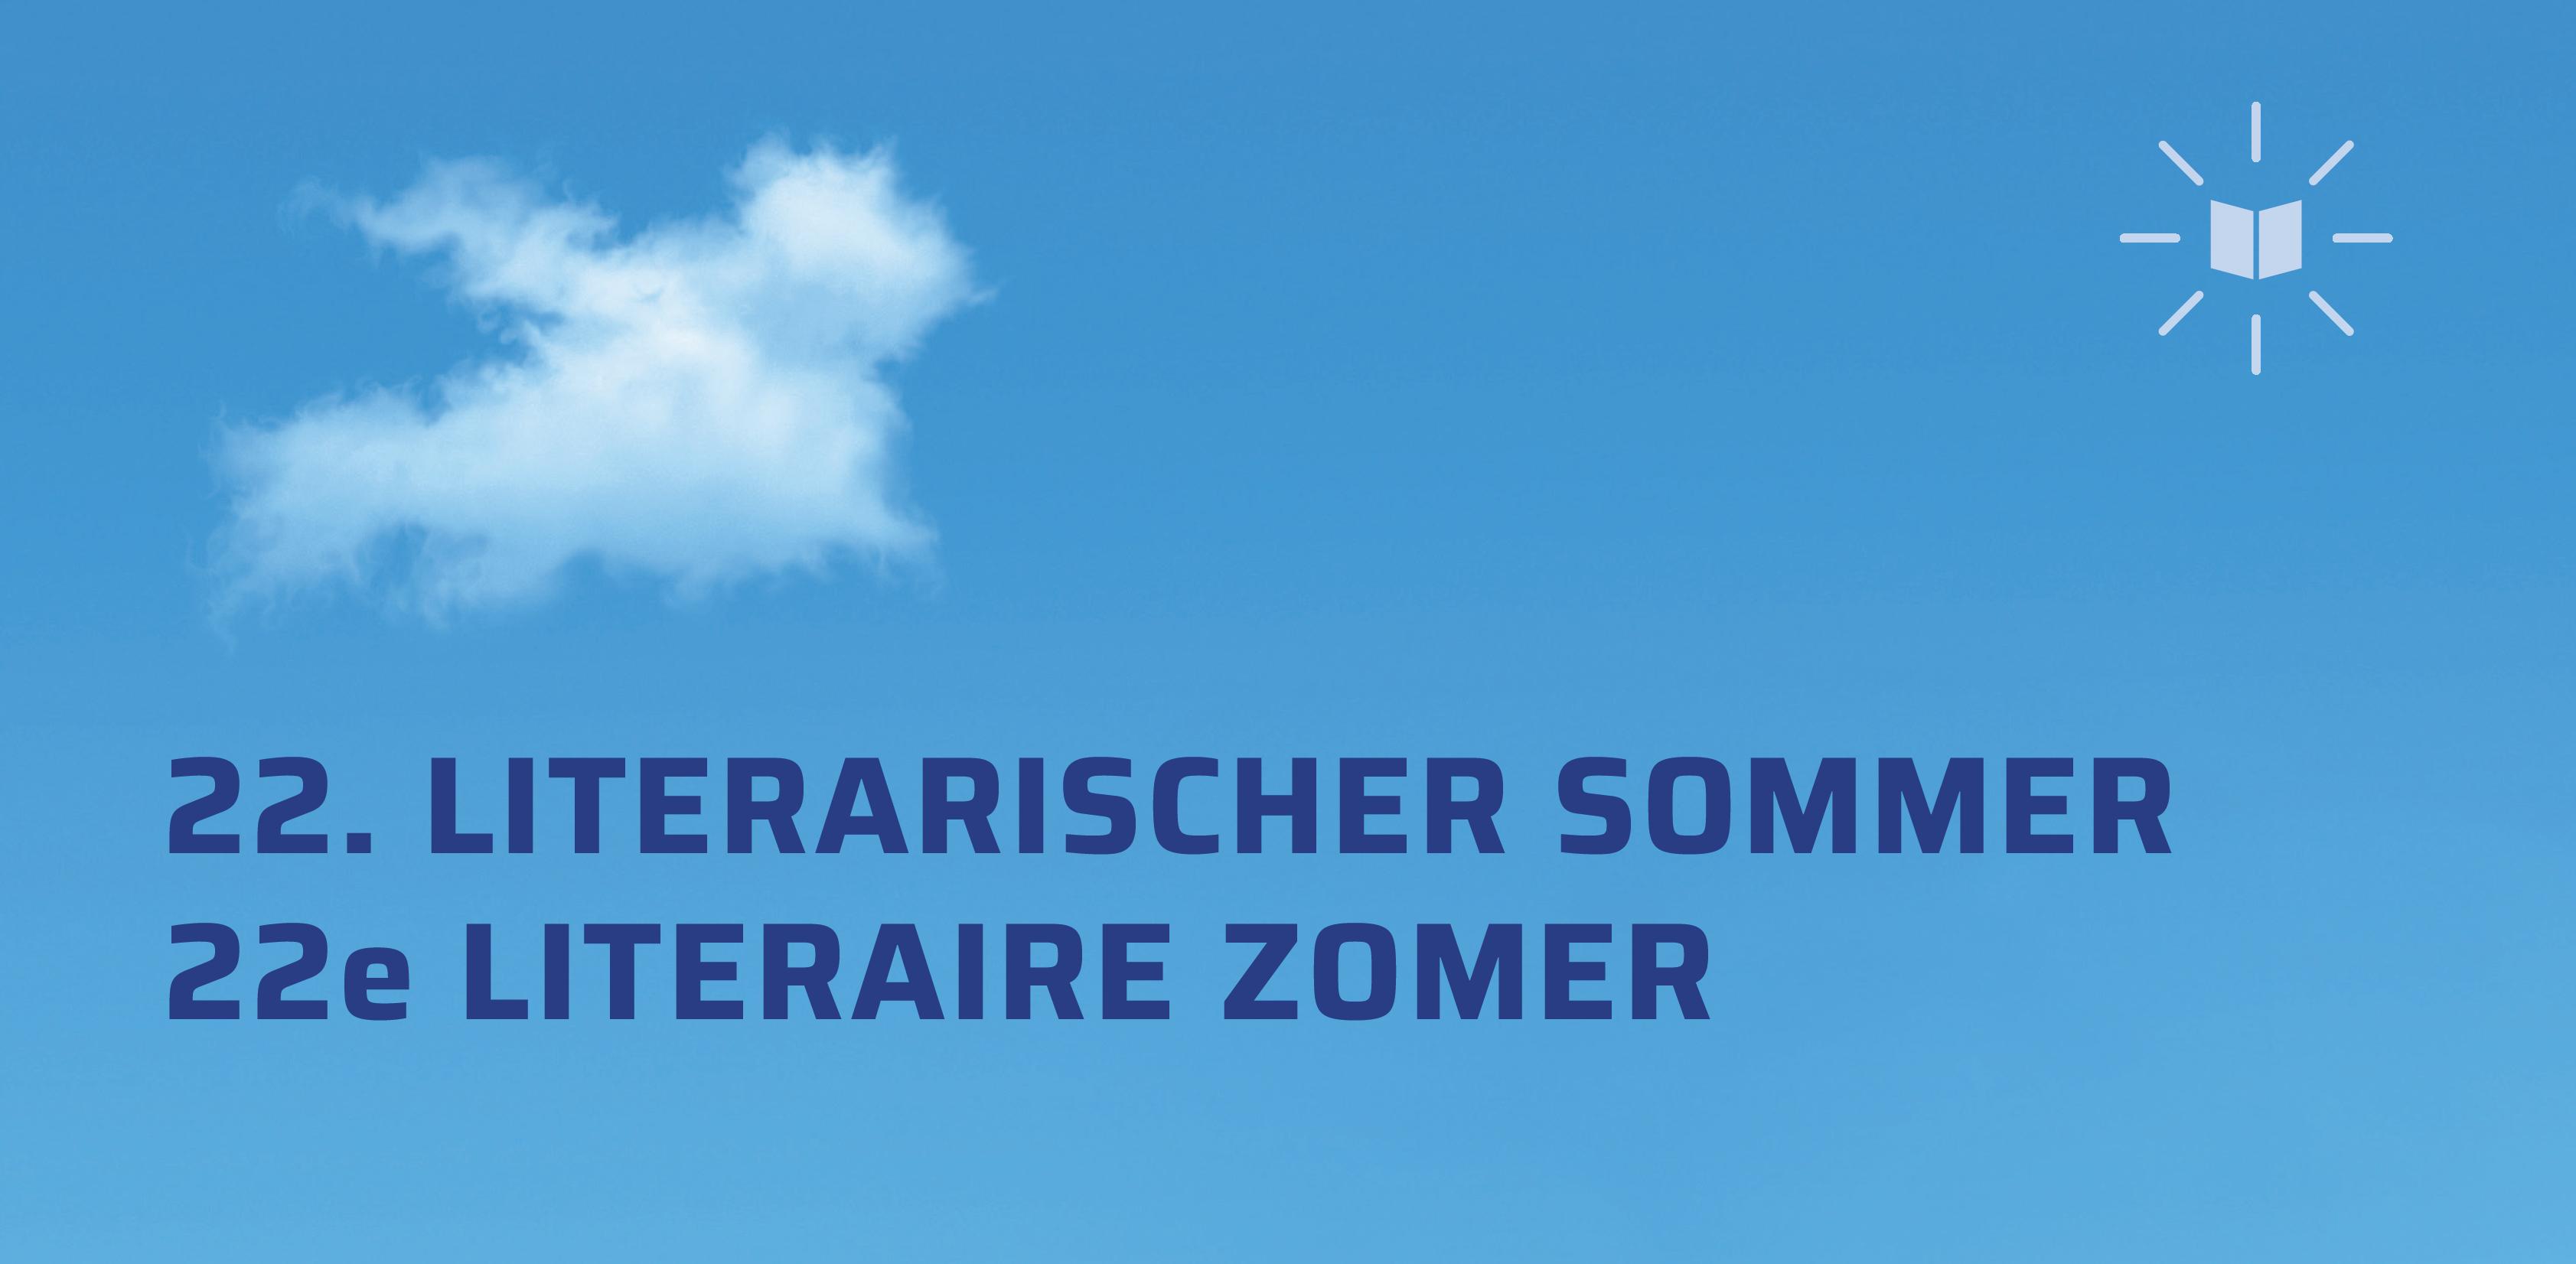 Literarischer Sommer 2022